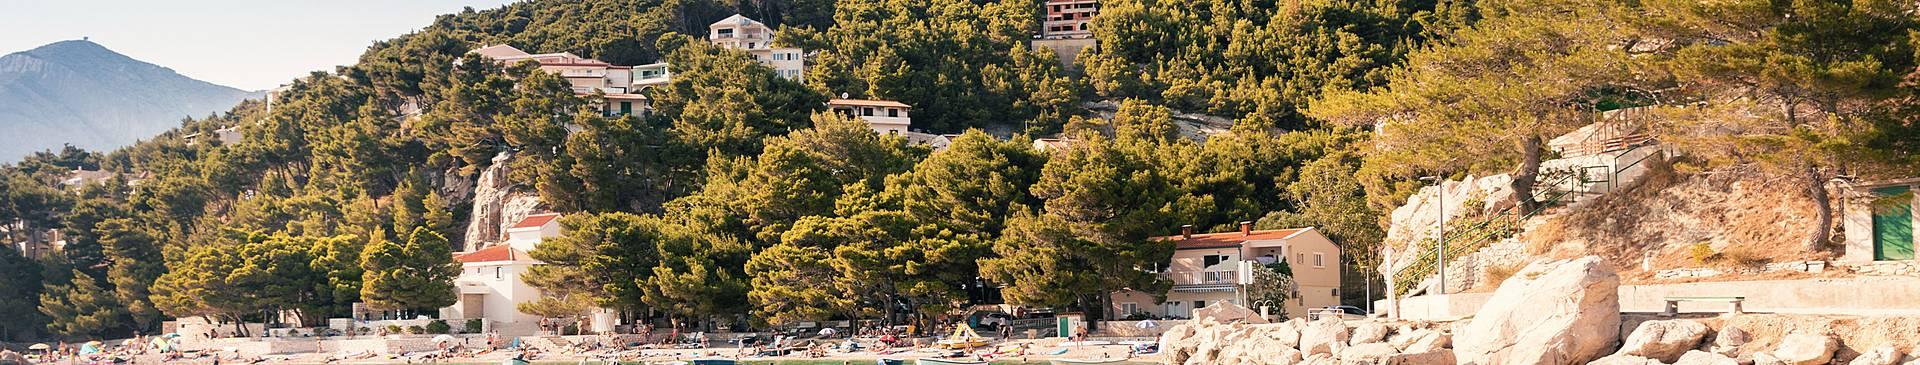 Plongée & Snorkeling en Croatie